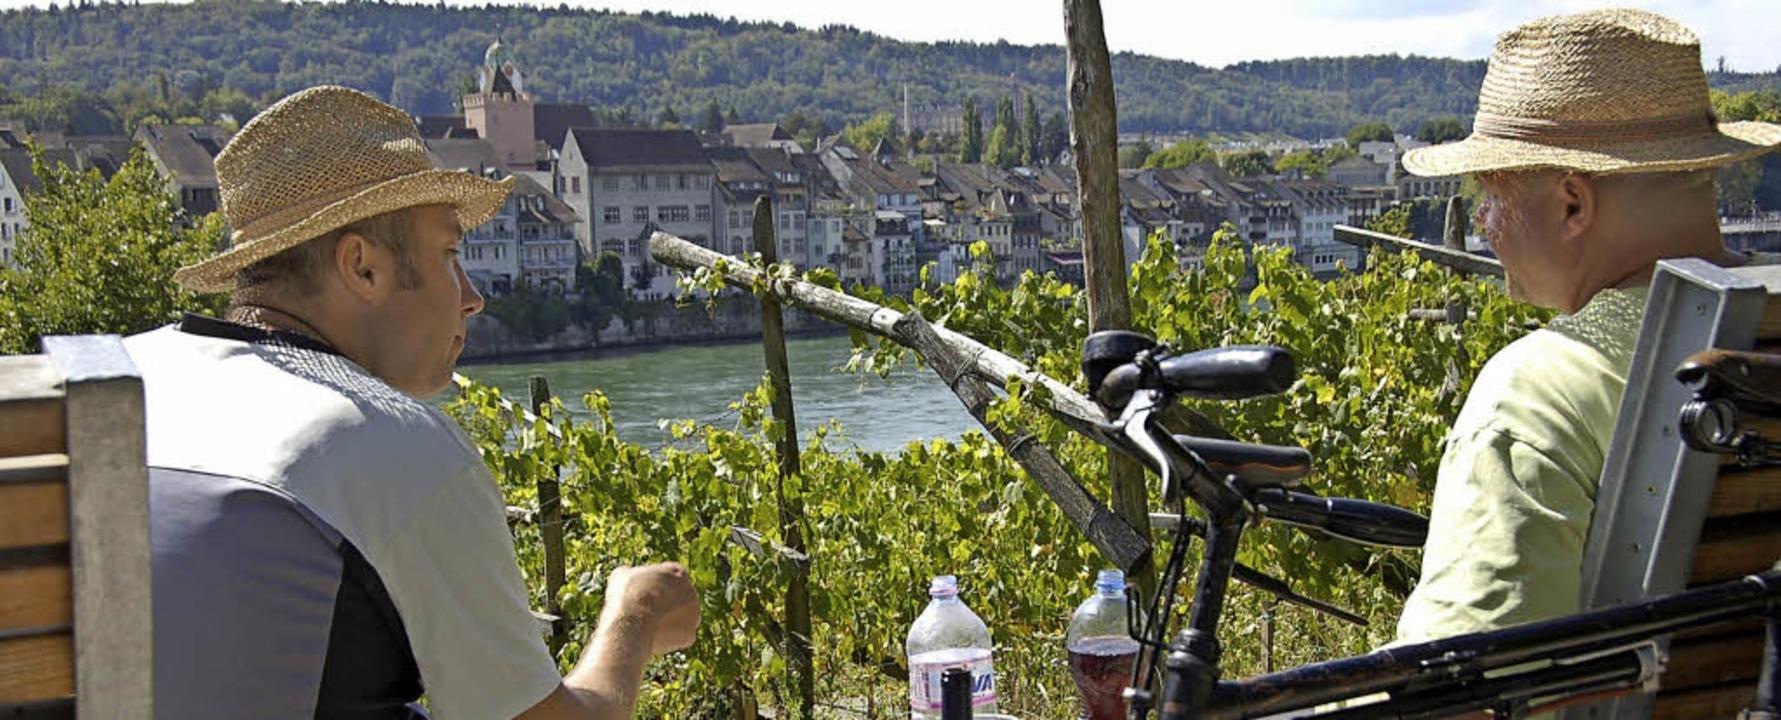 Auch die Nachbarstadt Rheinfelden prof... vom Radtourismus entlang des Rheins.   | Foto: Peter Gerigk/Horatio Gollin